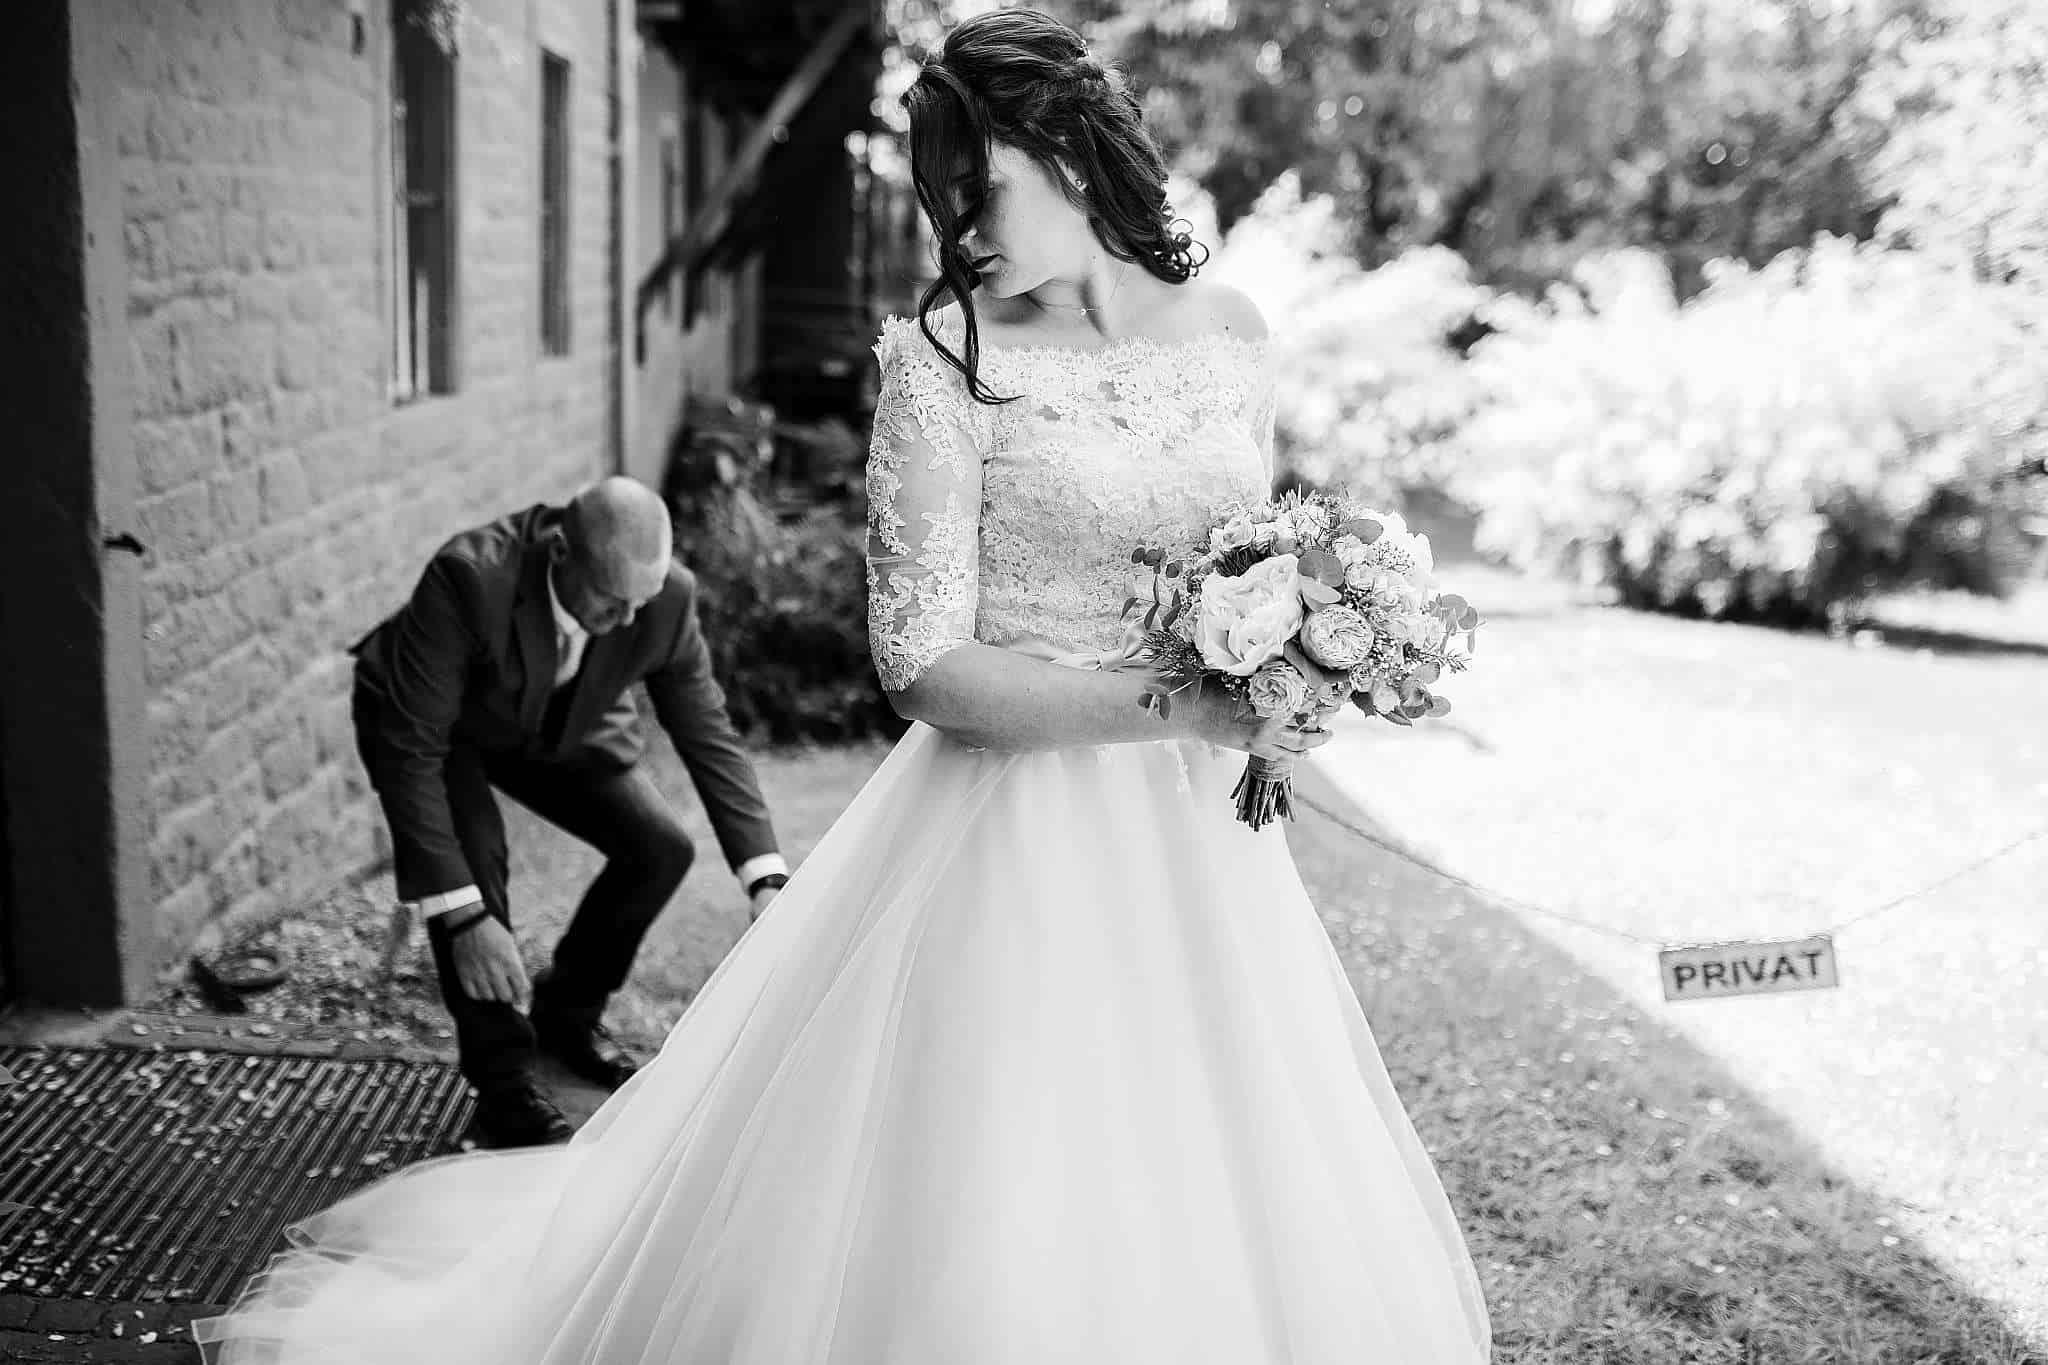 Der Bruder der Braut richtet das Kleid vor dem Einzug